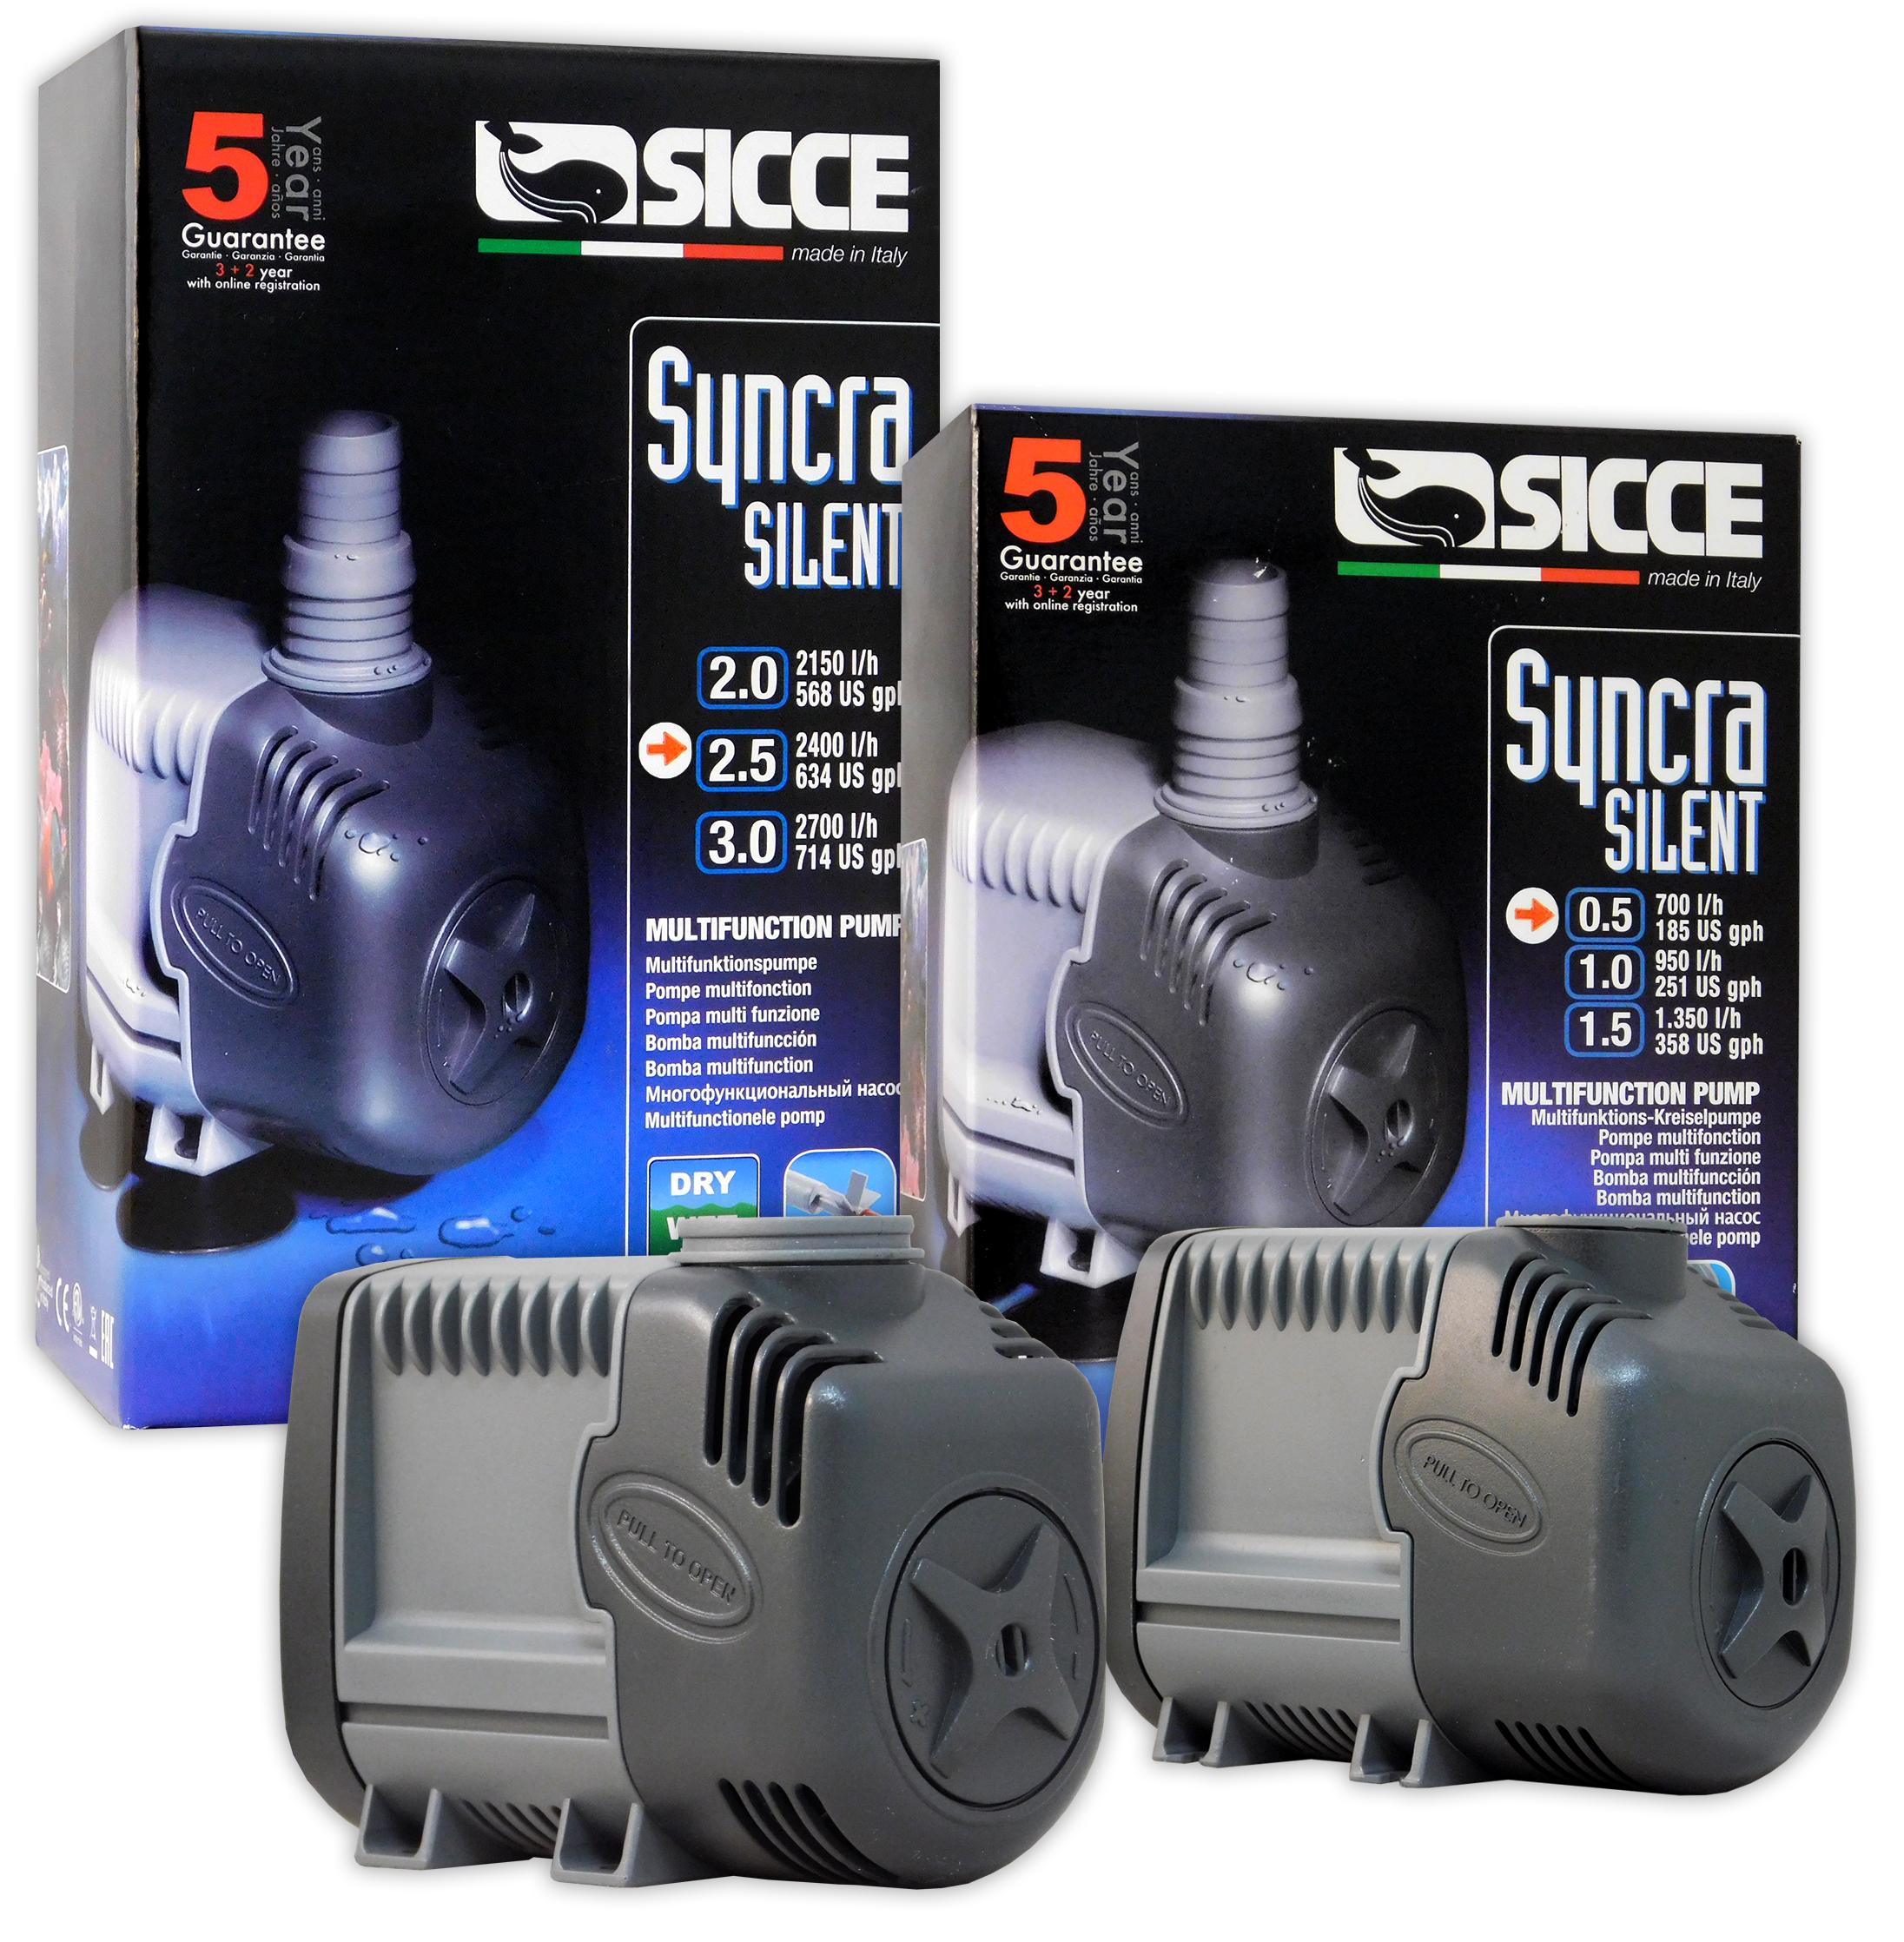 sicce syncra silent 20 pump 568 gph reef supplies t